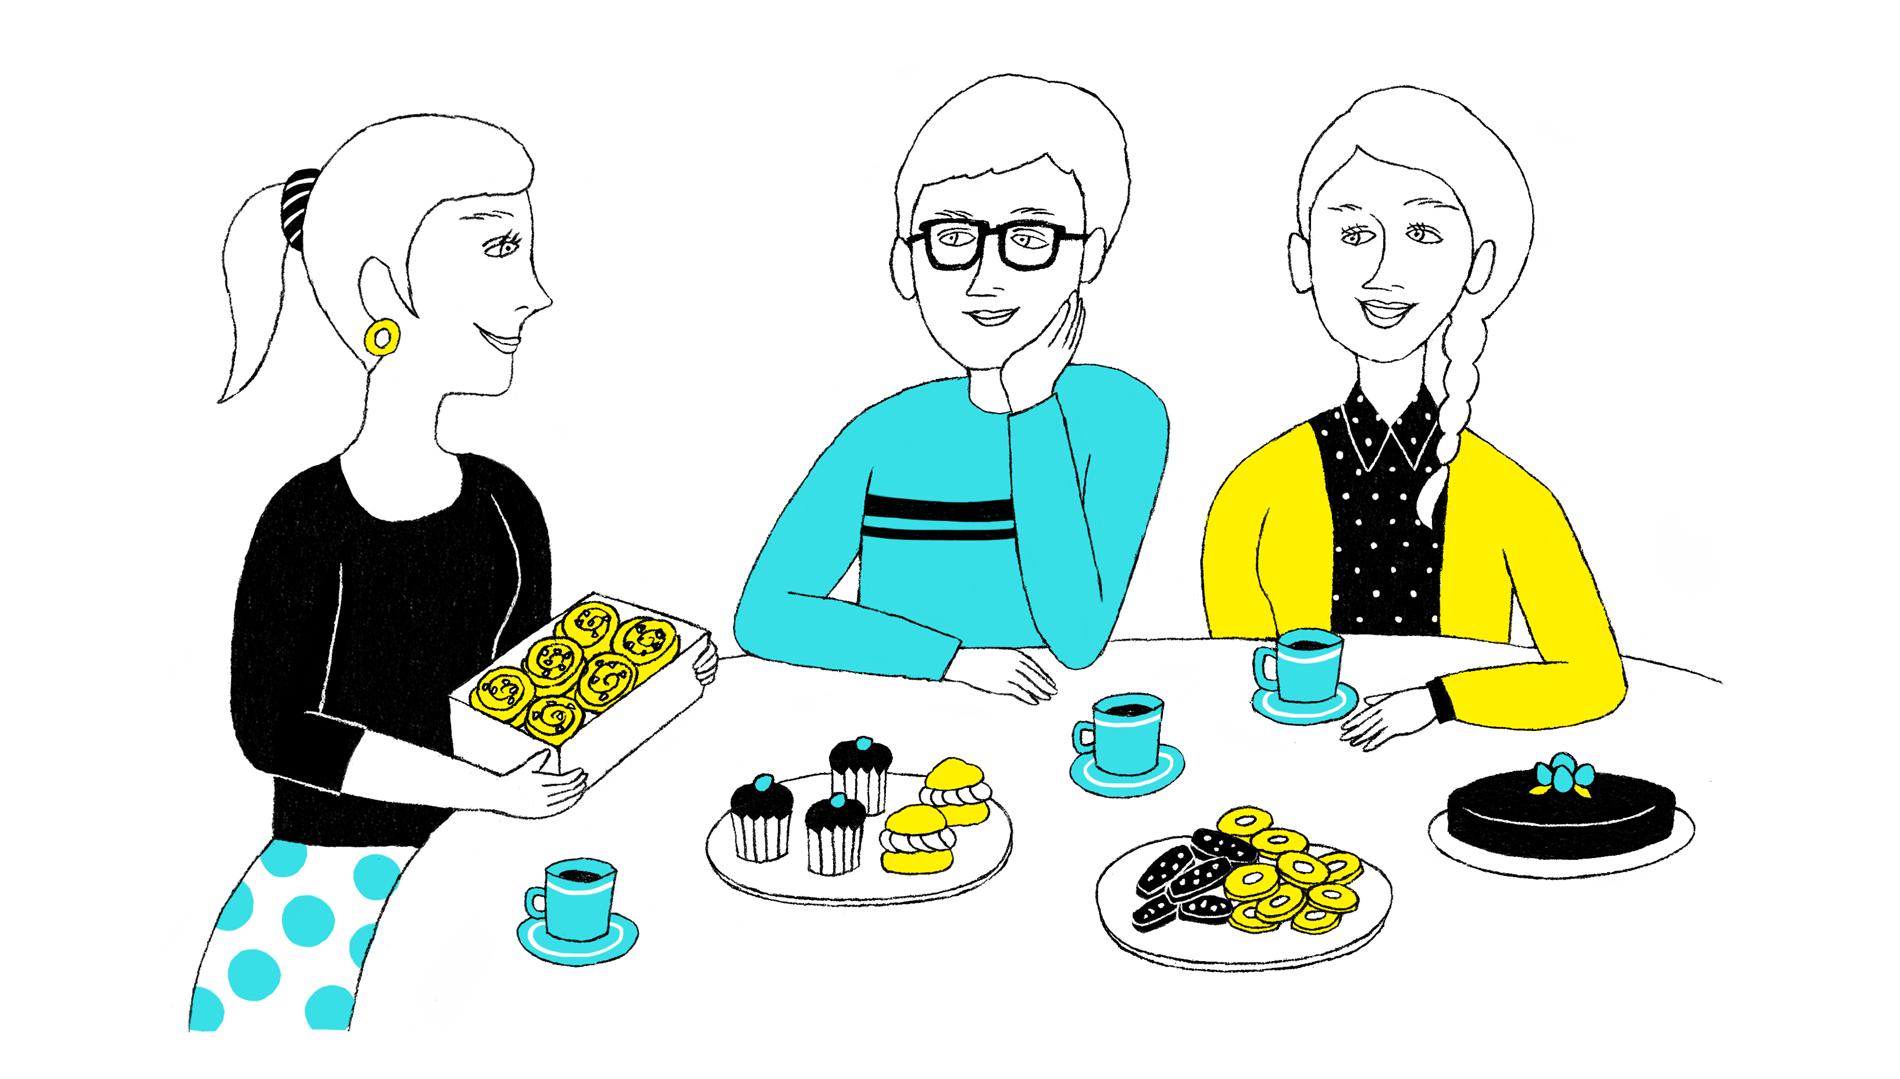 スウェーデン編 みんな喜ぶ「フィーカ」のギフト